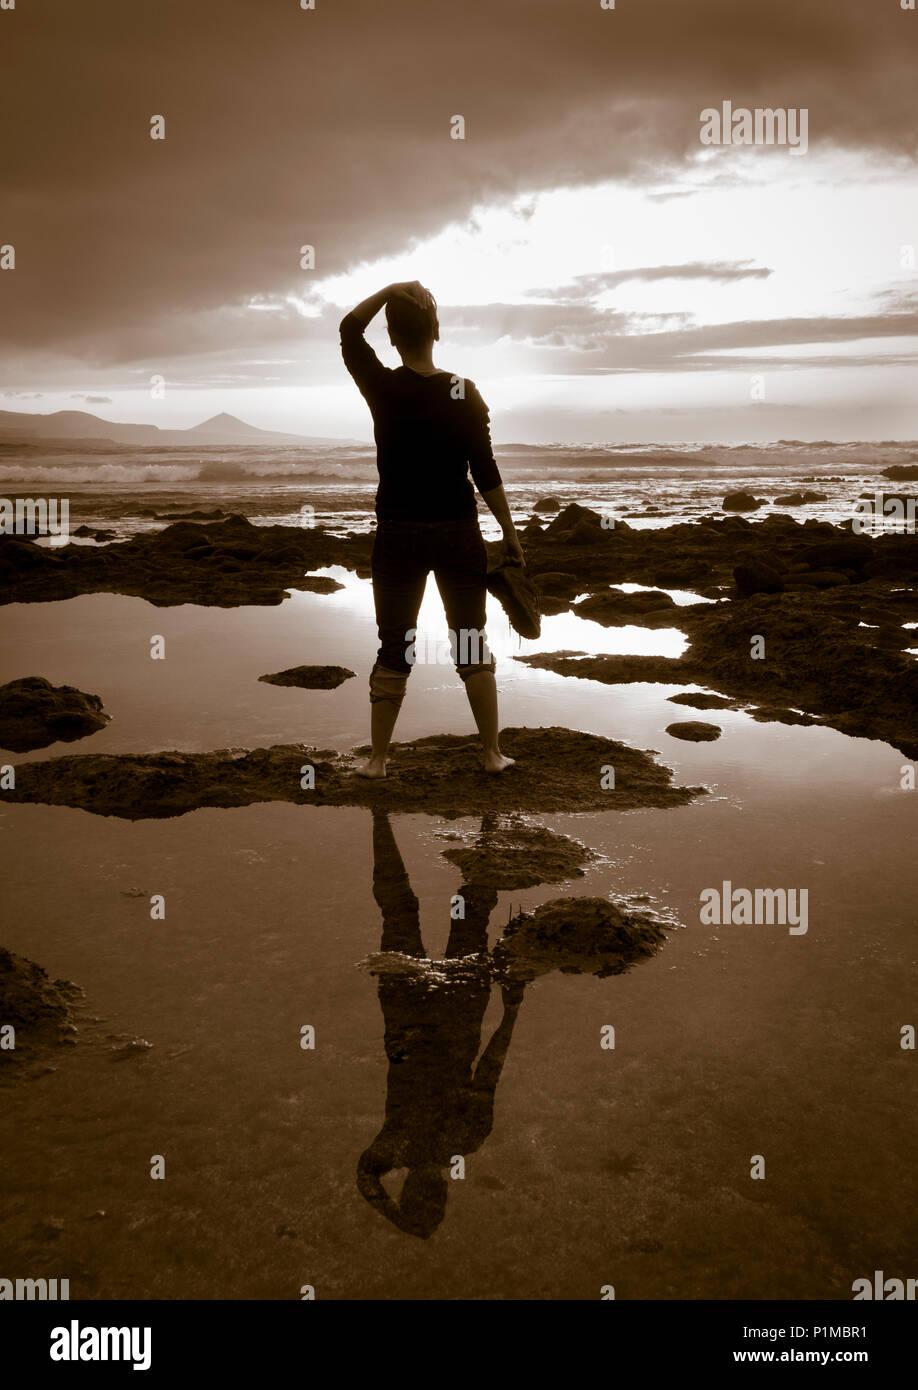 Vista posteriore della donna scarpe di contenimento che guarda al mare al tramonto: meditazione, salute mentale, la solitudine, la libertà, la depressione..Concetto di immagine Foto Stock